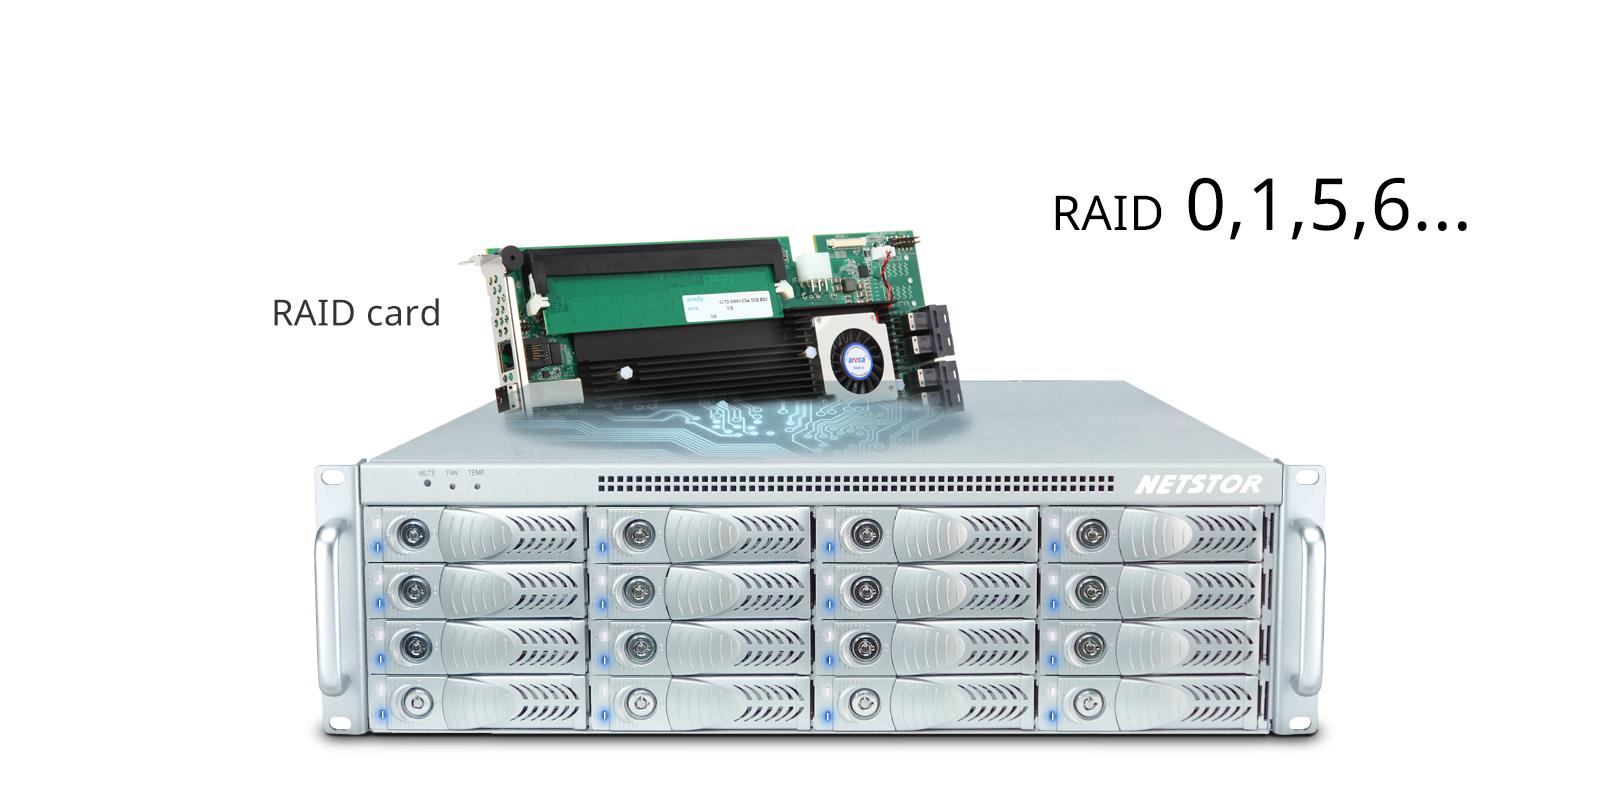 NA333TB3 Thunderbolt RAID storage, Rackmount storage